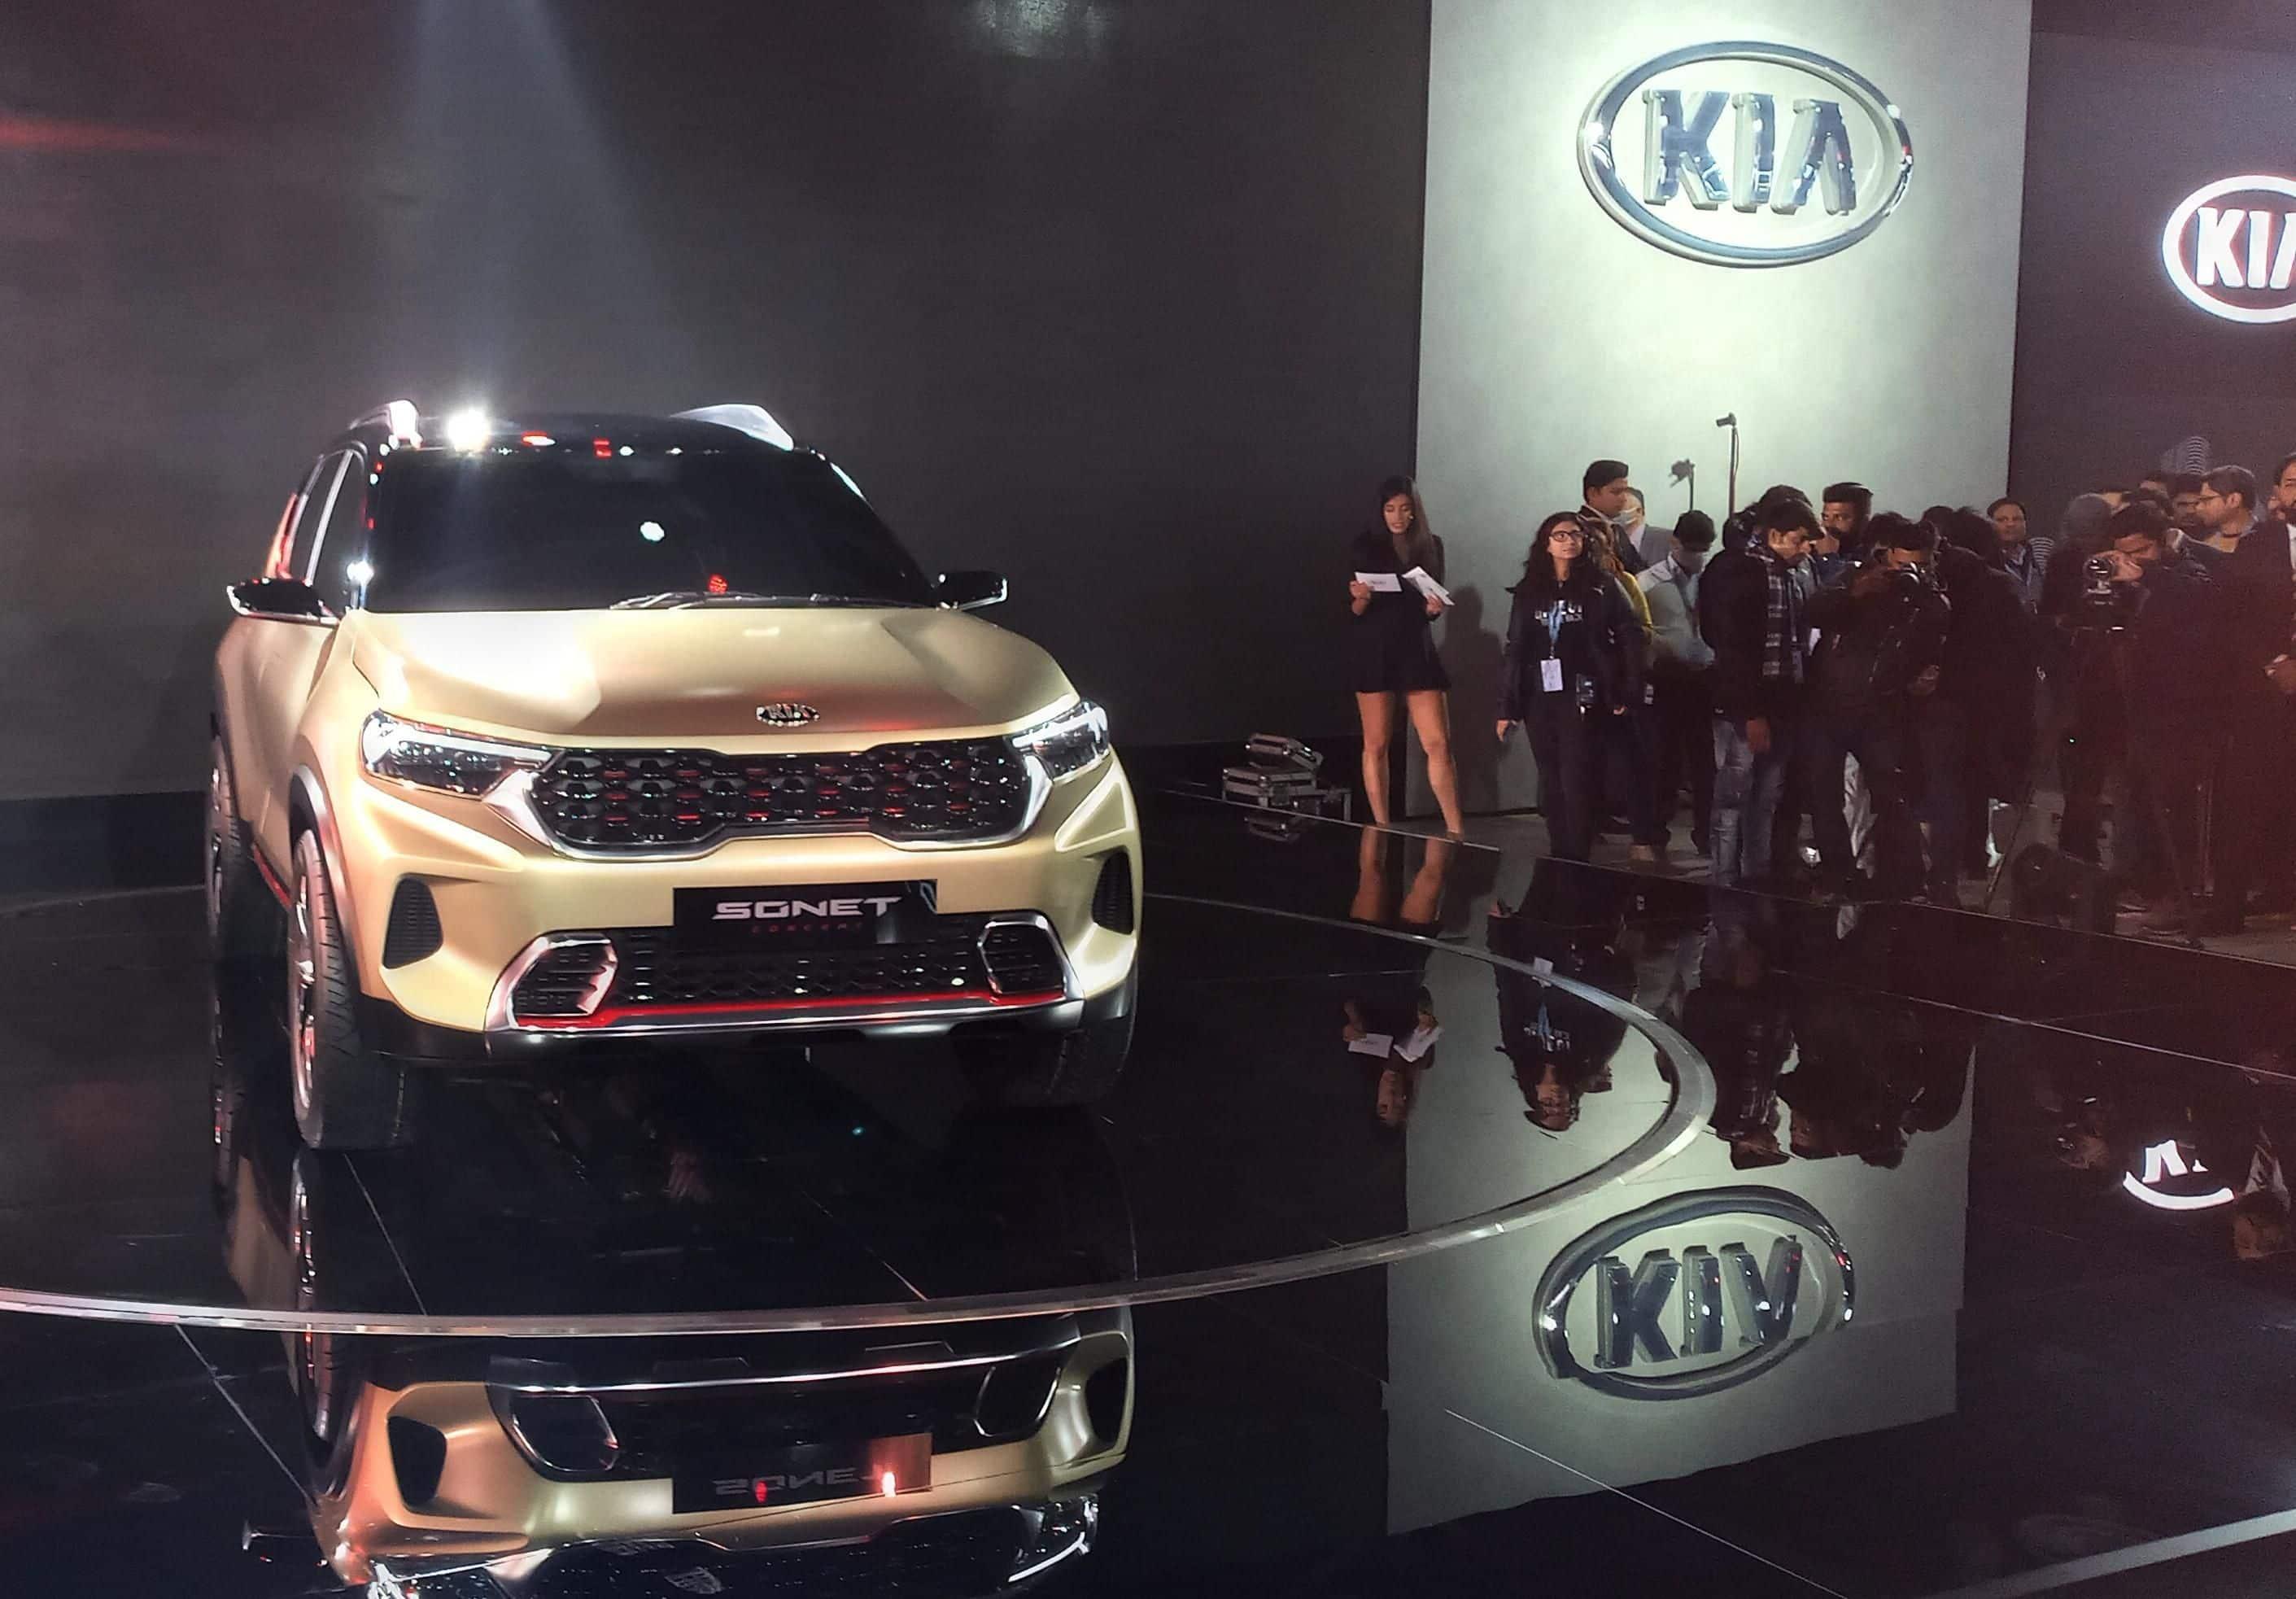 The new Kia Sonet revealed at the Auto Expo 2020